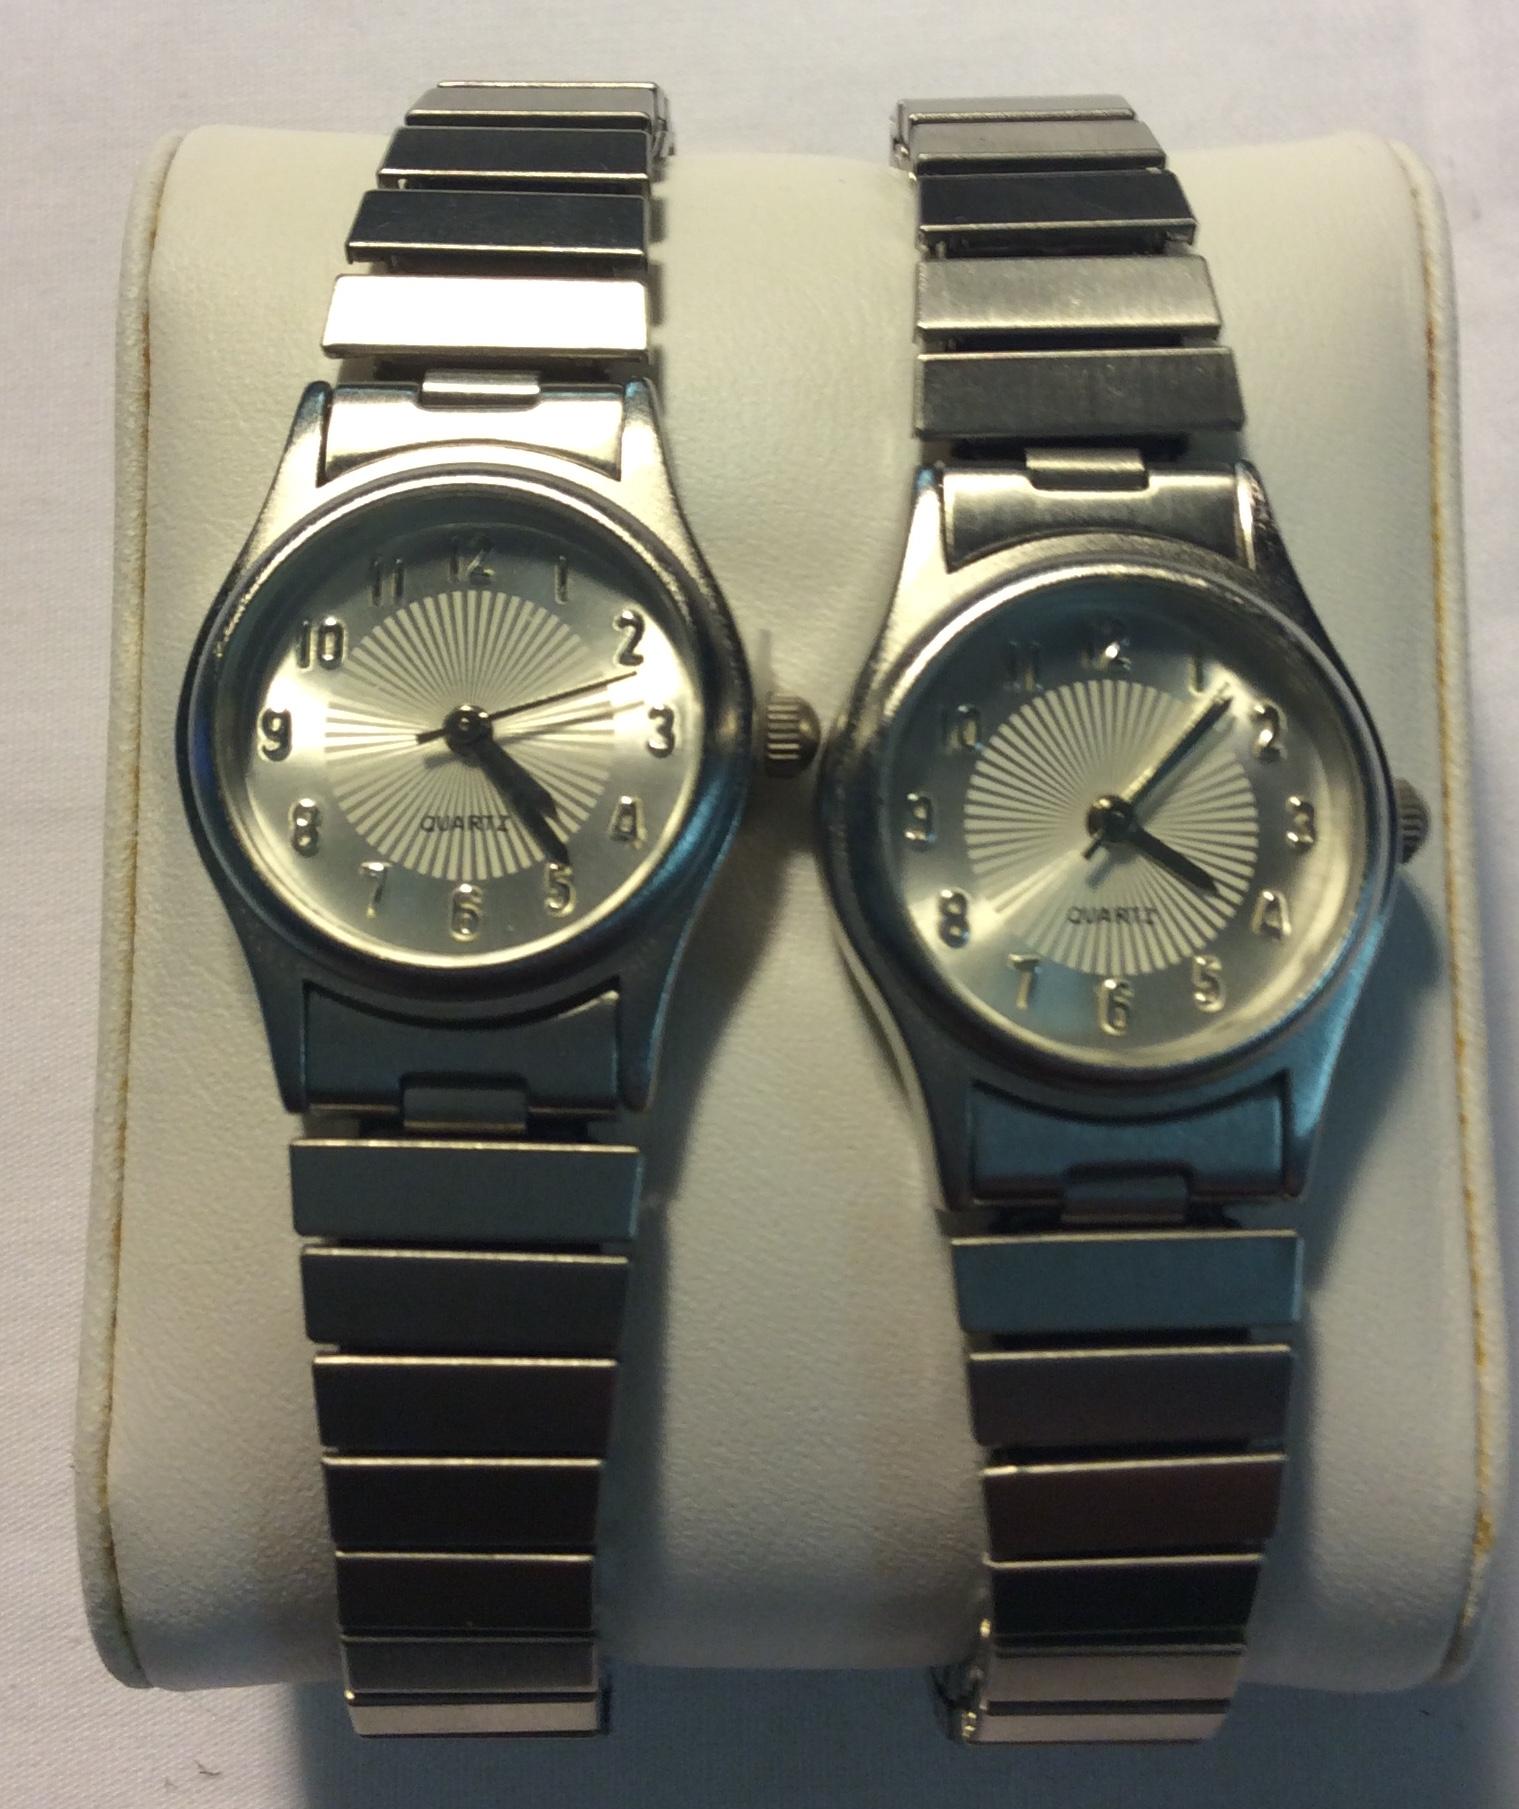 Quartz watch - round silver face